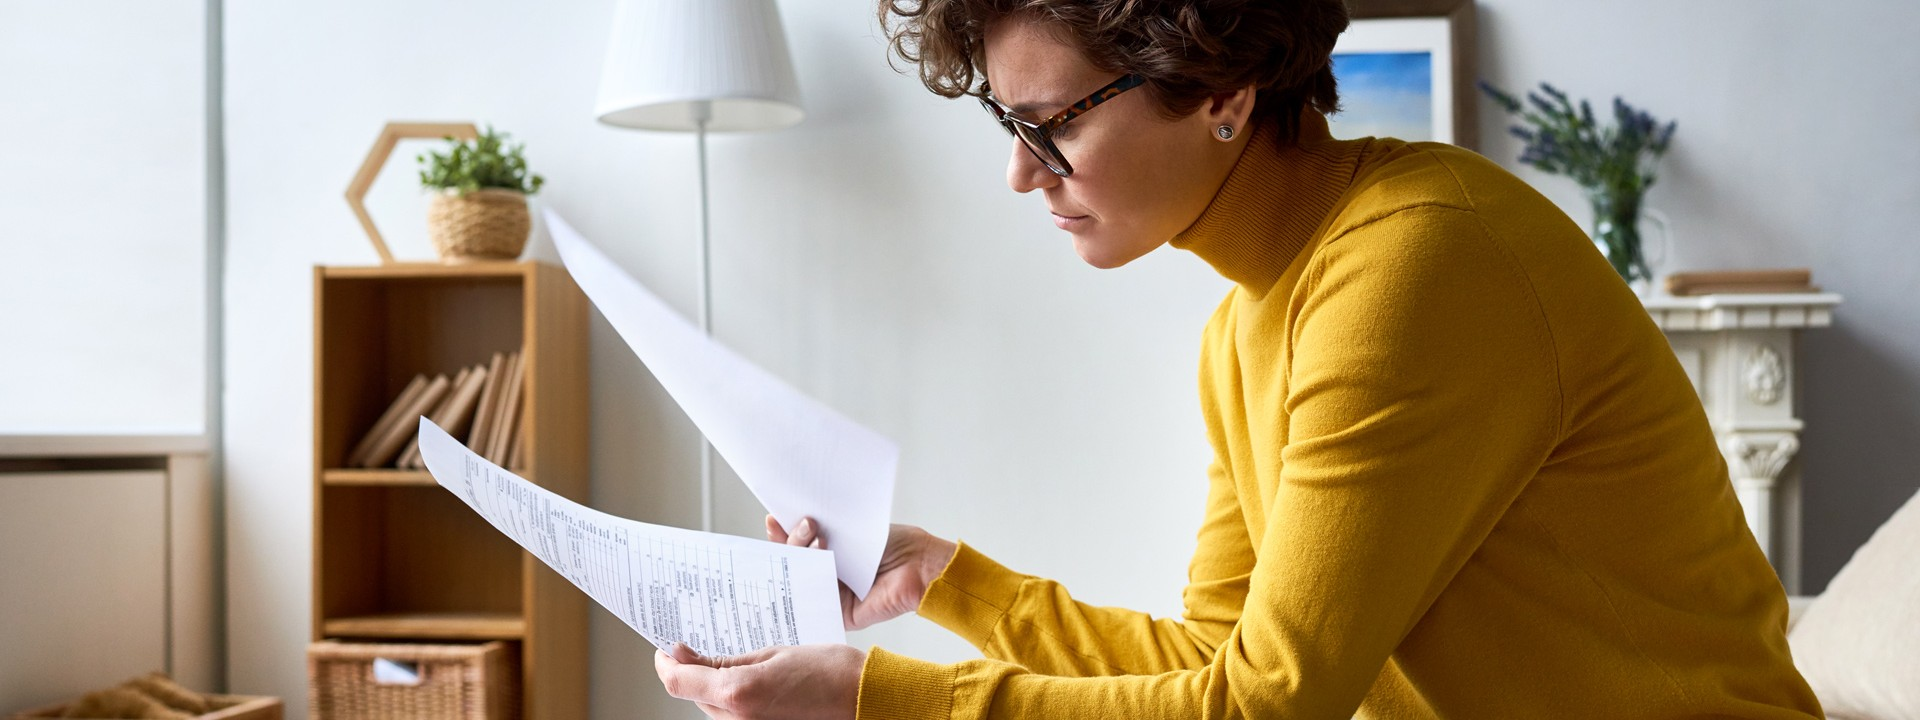 Eine Frau im gelben Pullover sitzt auf dem Sofa und schaut sich Unterlagen an.